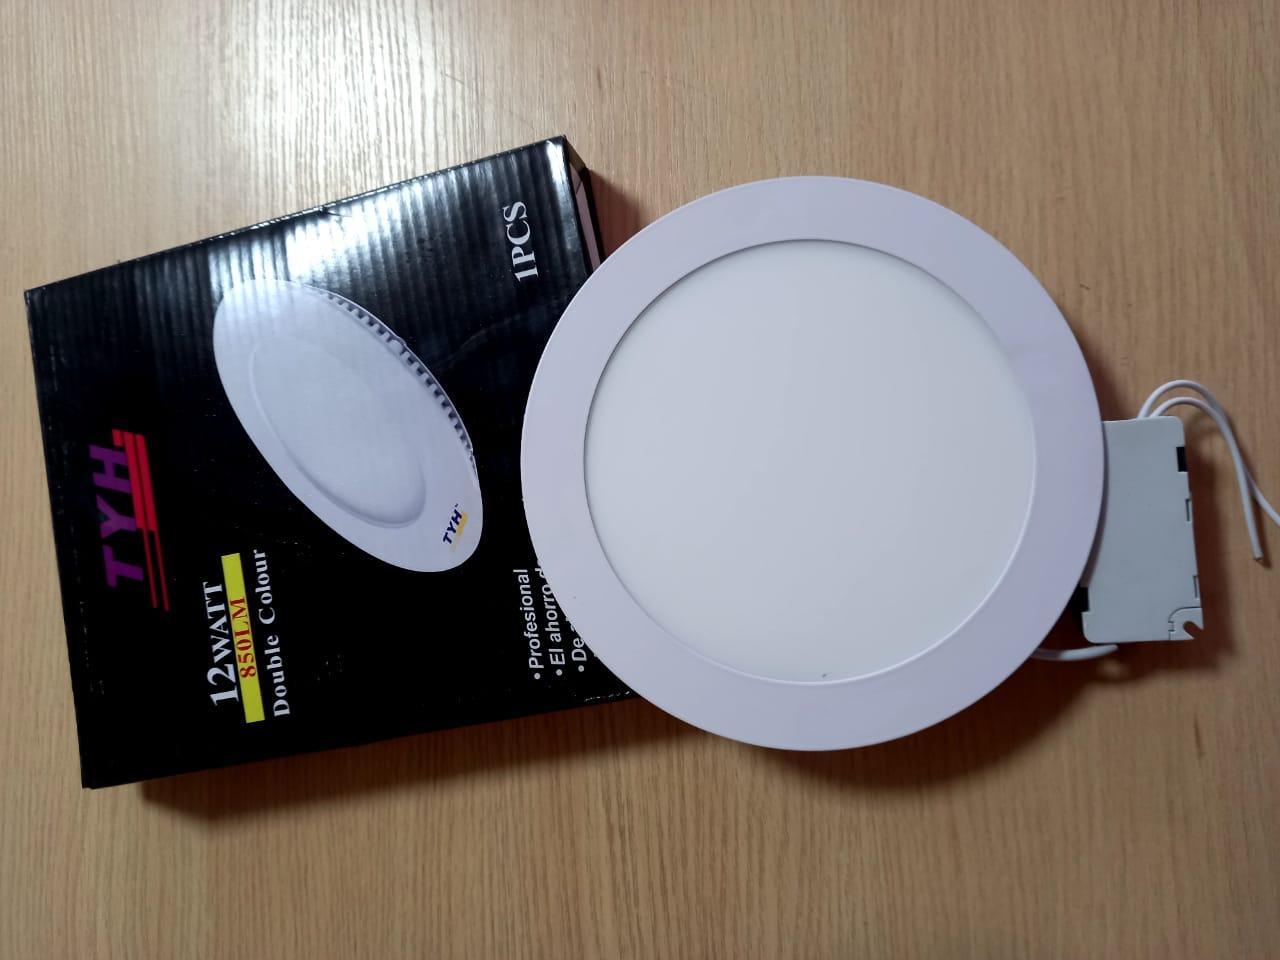 Панель светодиодная внутренняя круглая LED 12 W